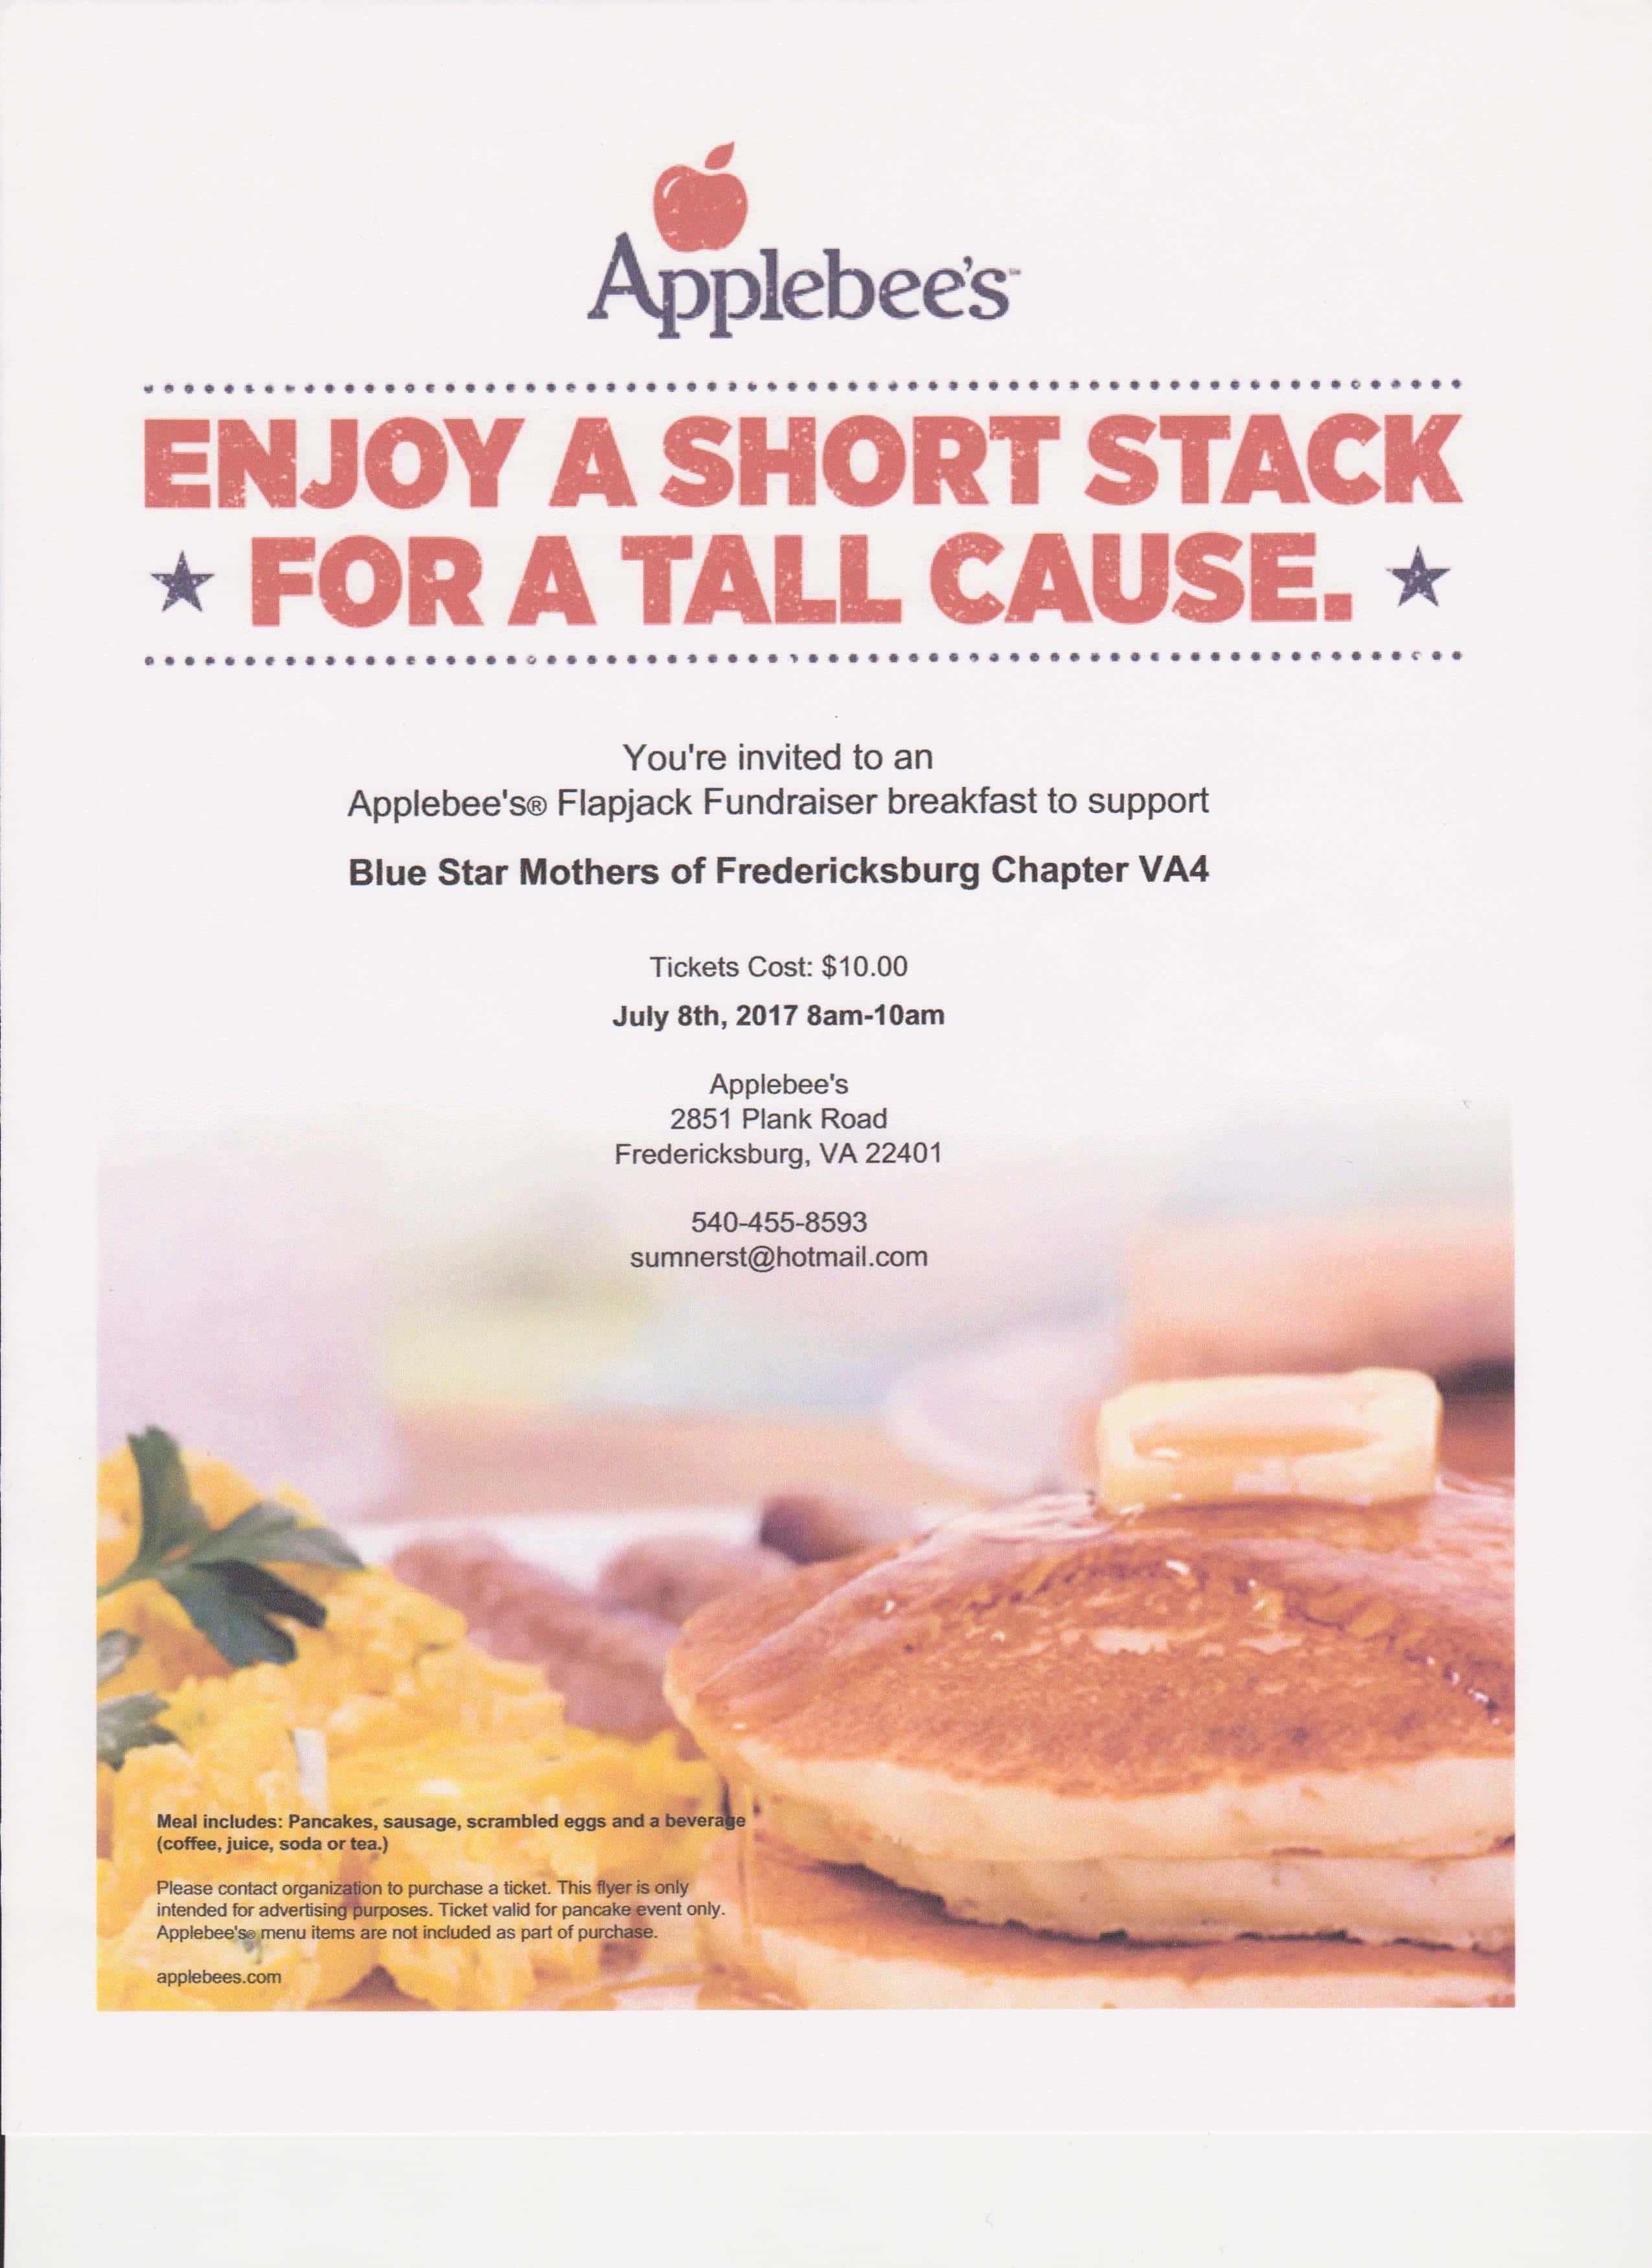 flapjack breakfast fundraiser blue star mothers of fredericksburg chapter va4